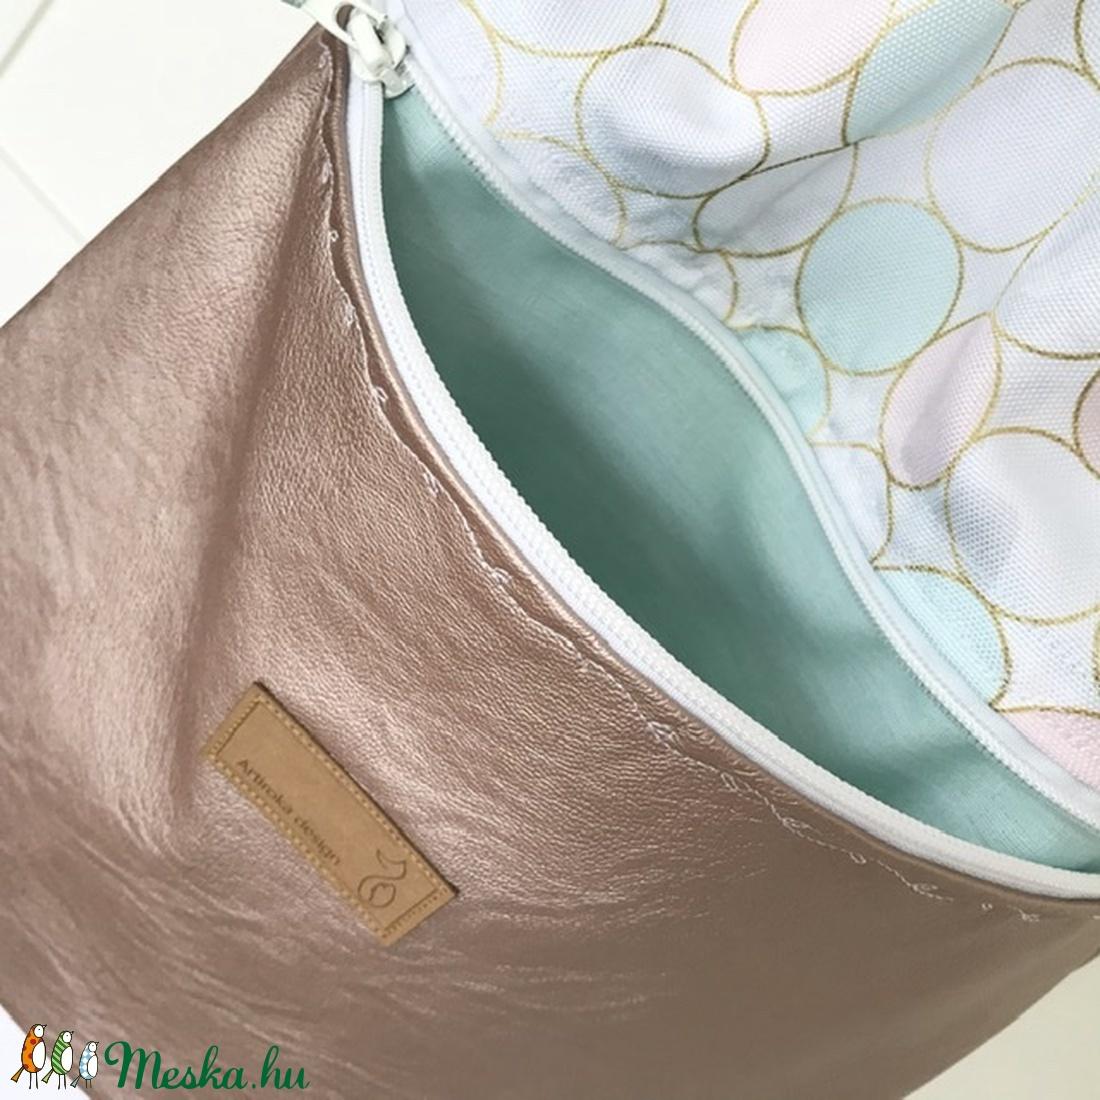 Rosegold - fehér  buborékos gymbag hátizsák külső cipzáras zsebbel - edzéshez,  úszáshoz -  - Meska.hu